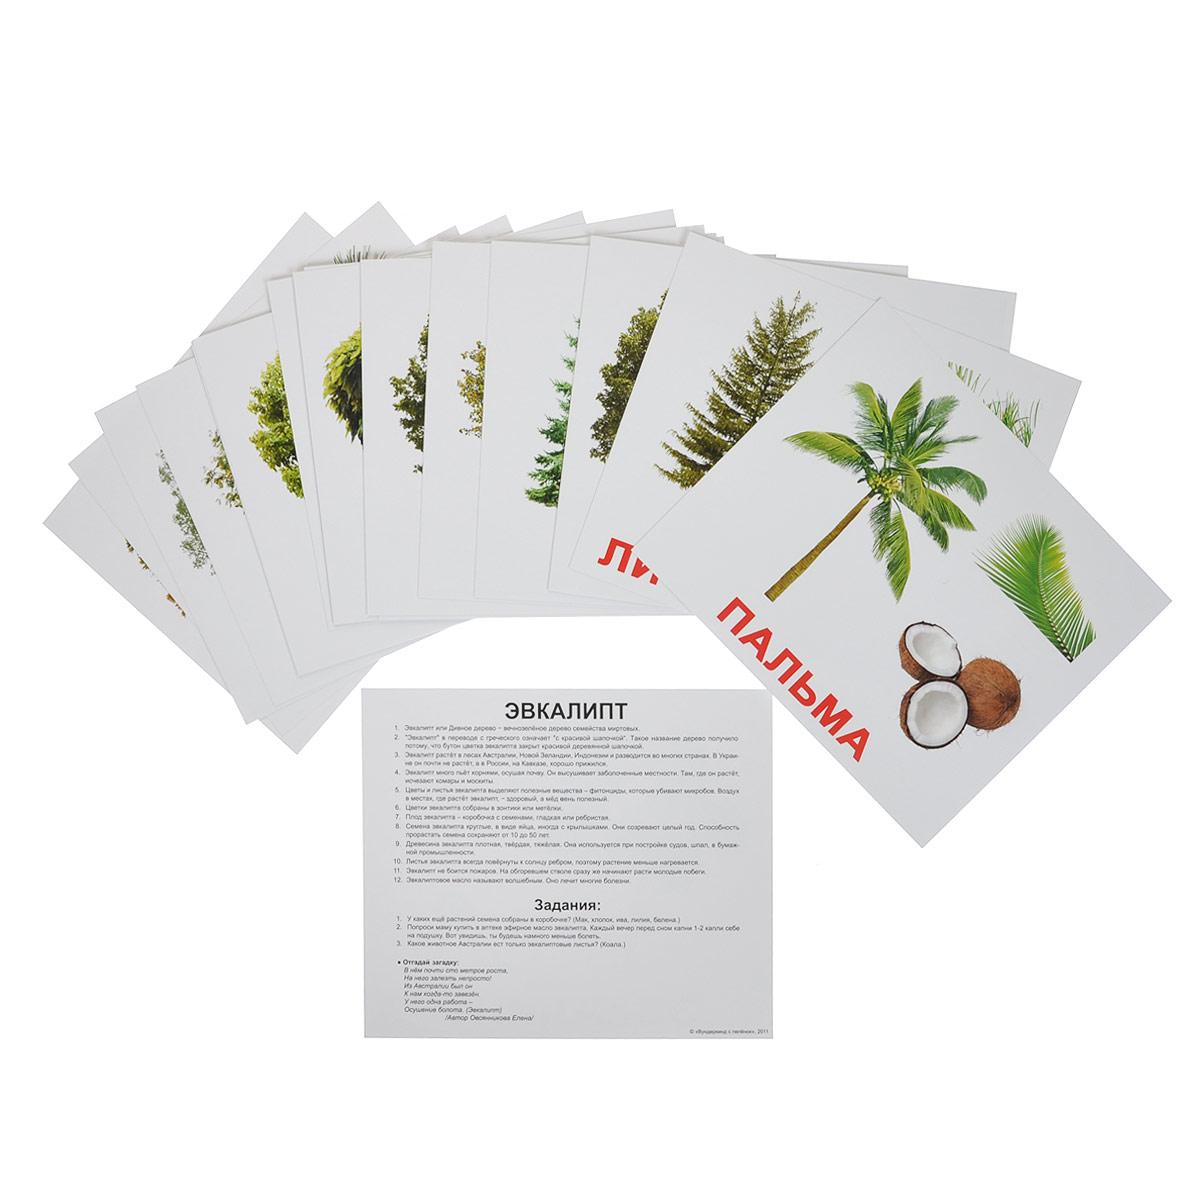 Вундеркинд с пеленок Обучающие карточки Деревья наборы карточек вундеркинд с пеленок набор обучающих карточек мини 40 nature природа